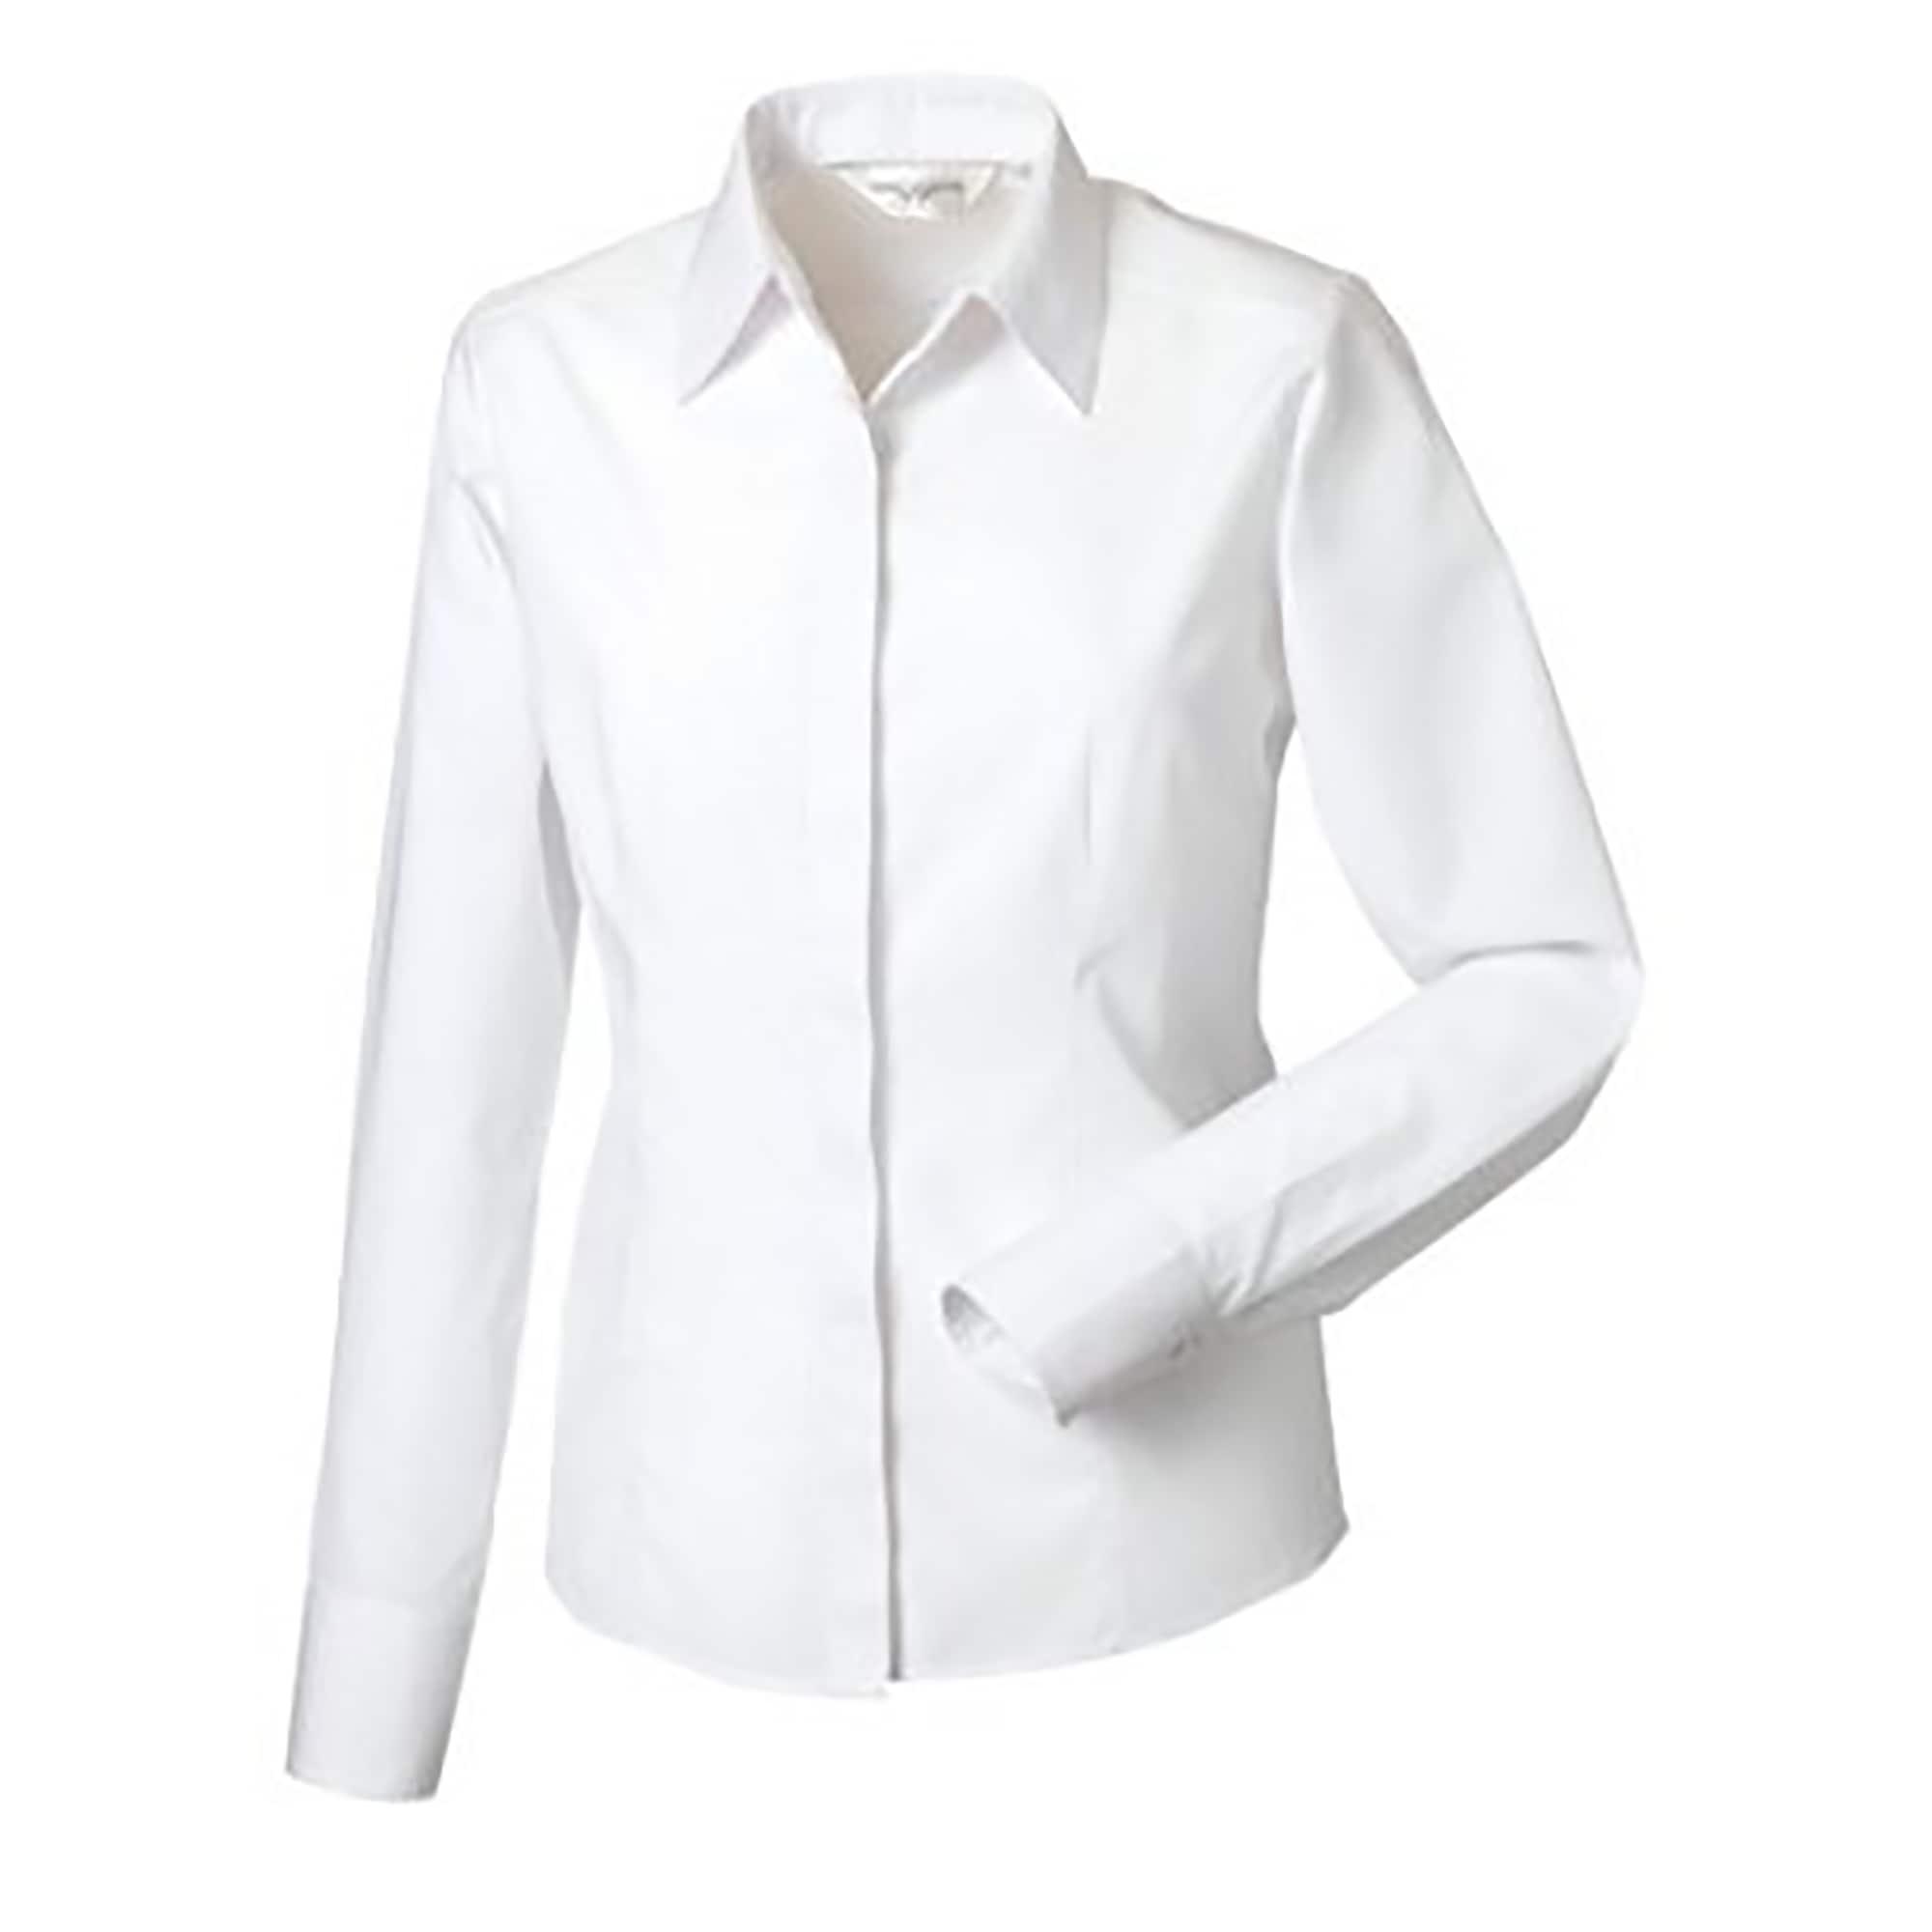 russell -  Langarmbluse Collection Popelin Bluse / Hemd, Langarm, pflegeleicht, tailliert